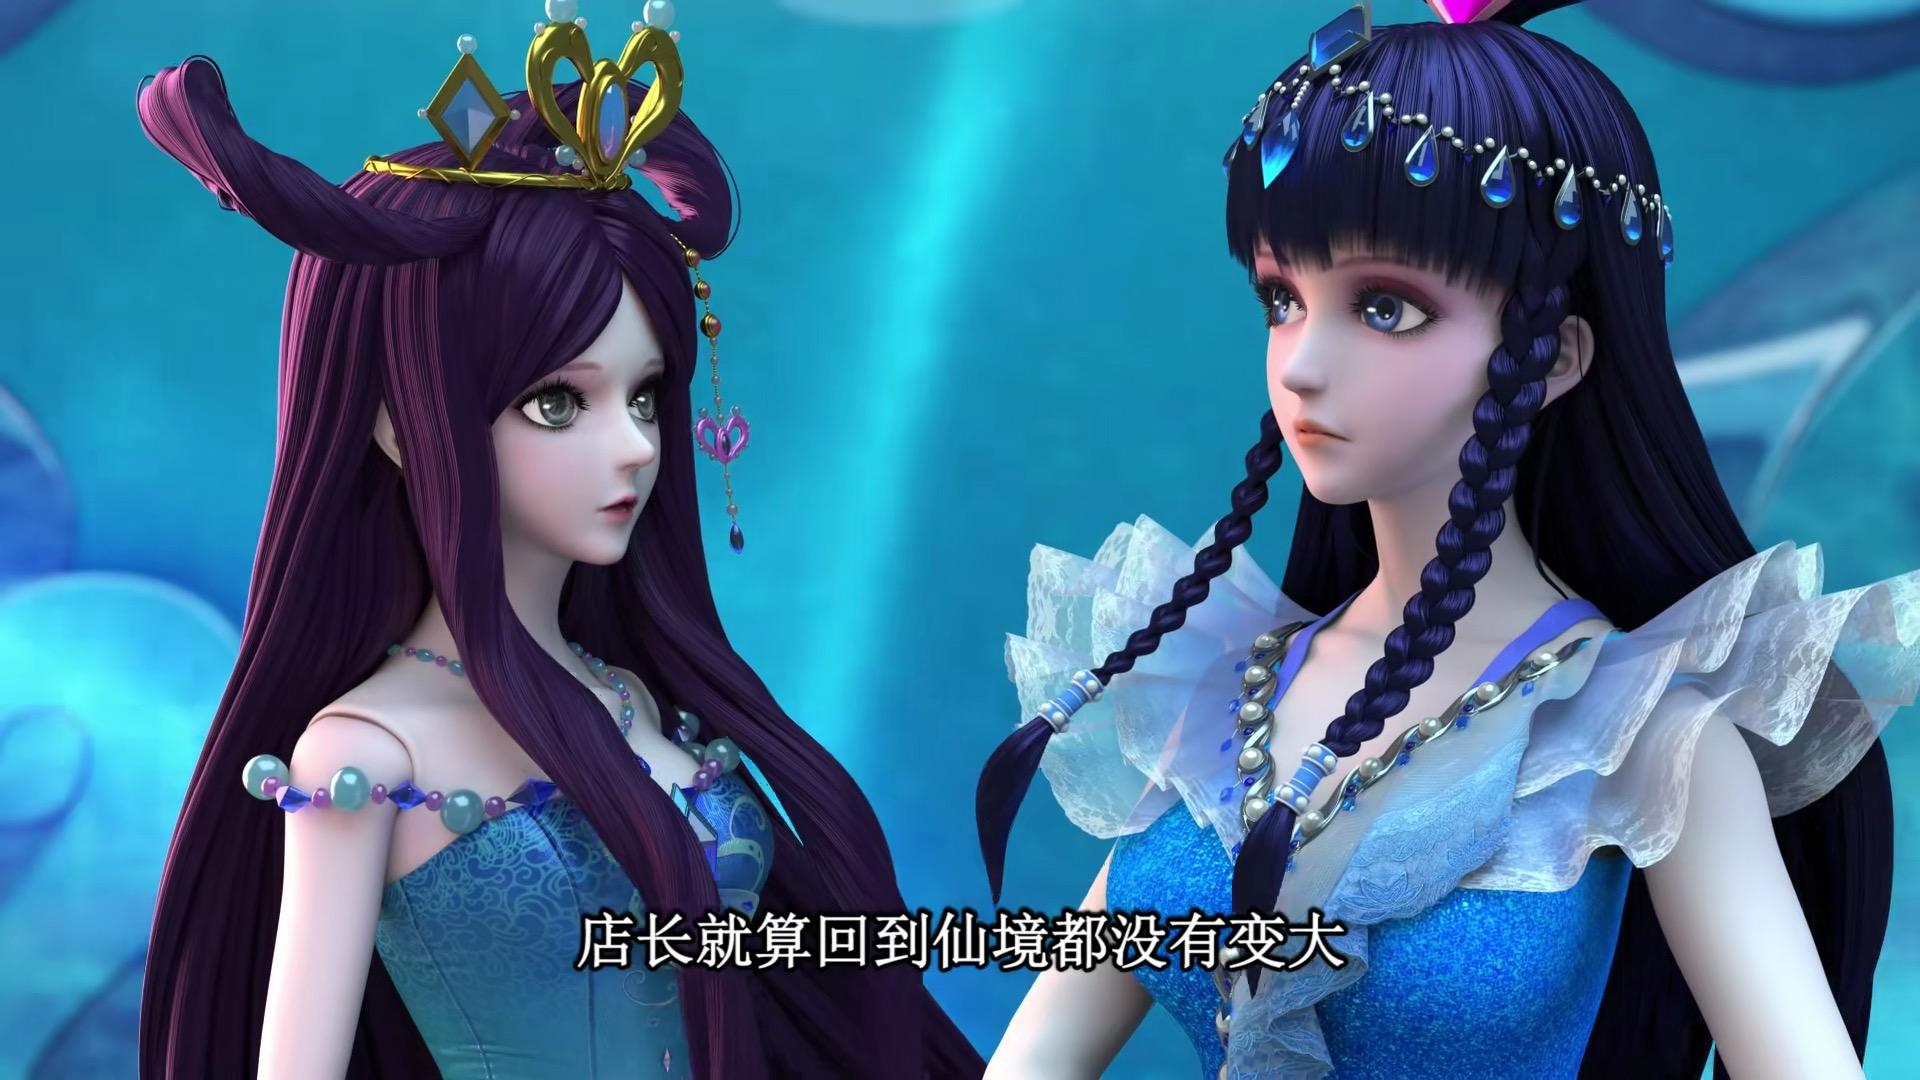 精灵梦叶罗丽:灵公主救不了辛灵仙子,王默白跑了一趟图片